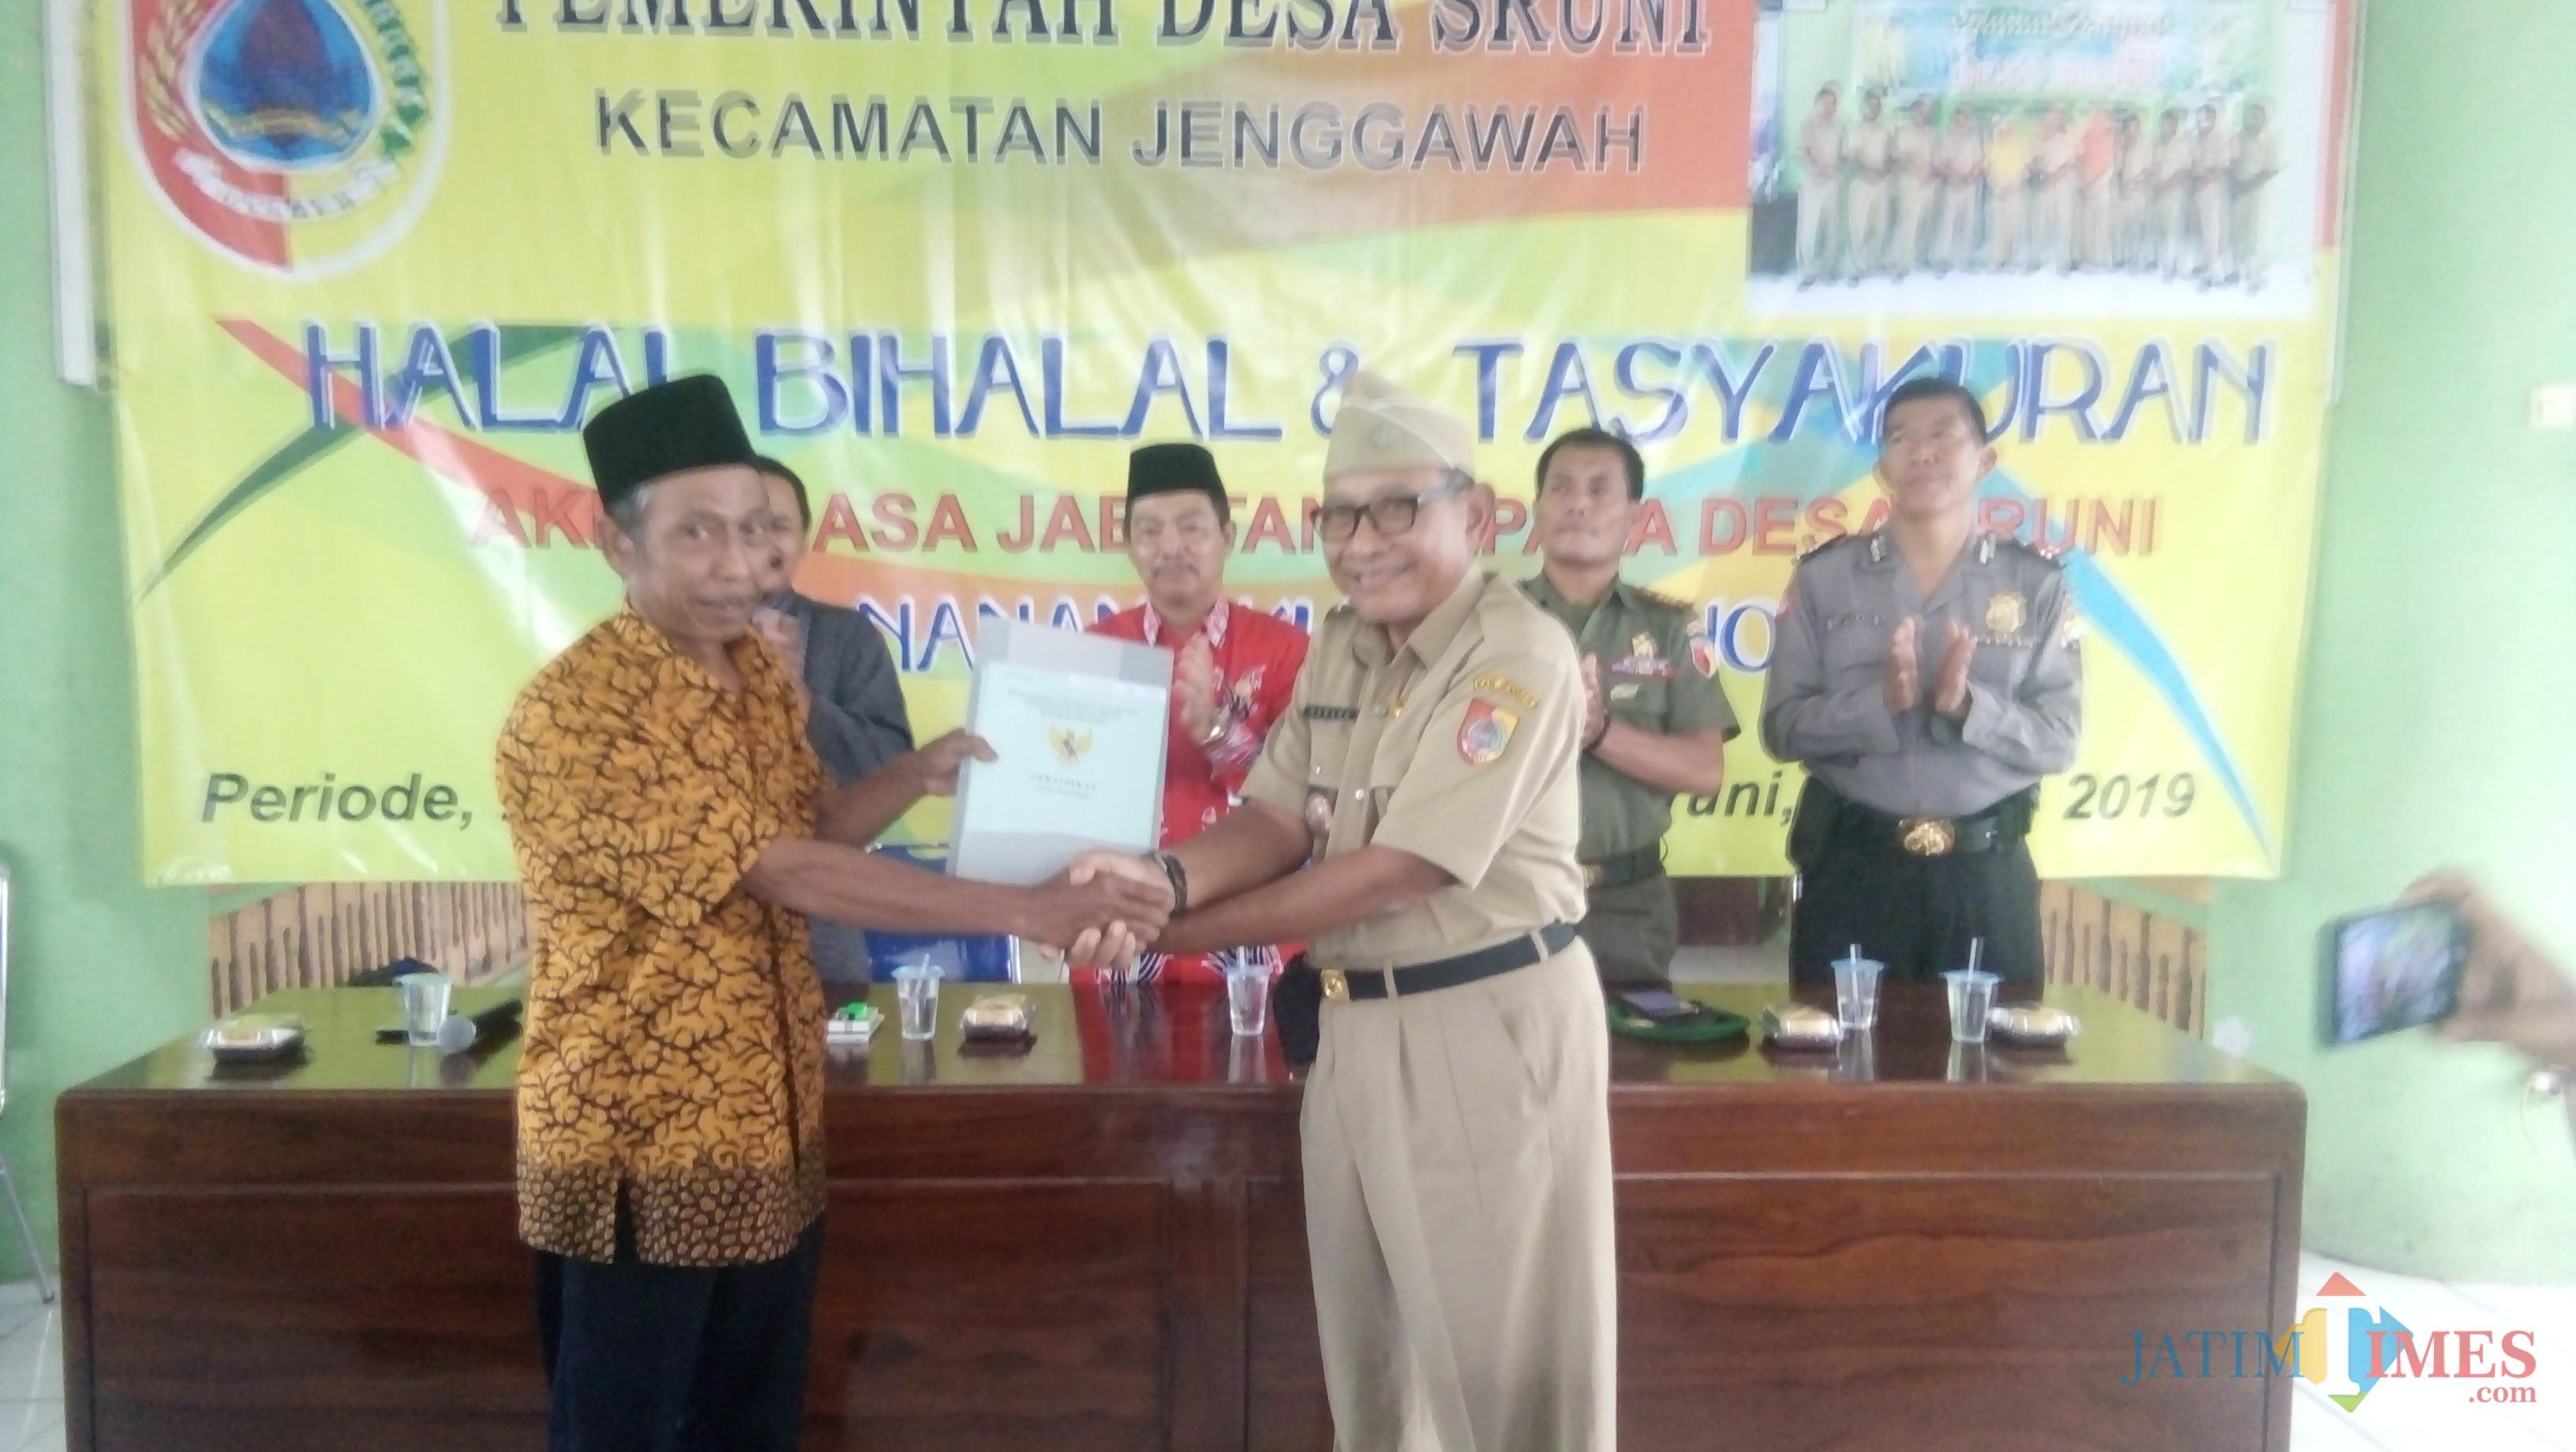 HM Nanang Kusminarno (sisi kanan) saat memberikan sertifikat secara simbolis kepada warga (foto : Moh. Ali Makrus / Jatim TIMES)